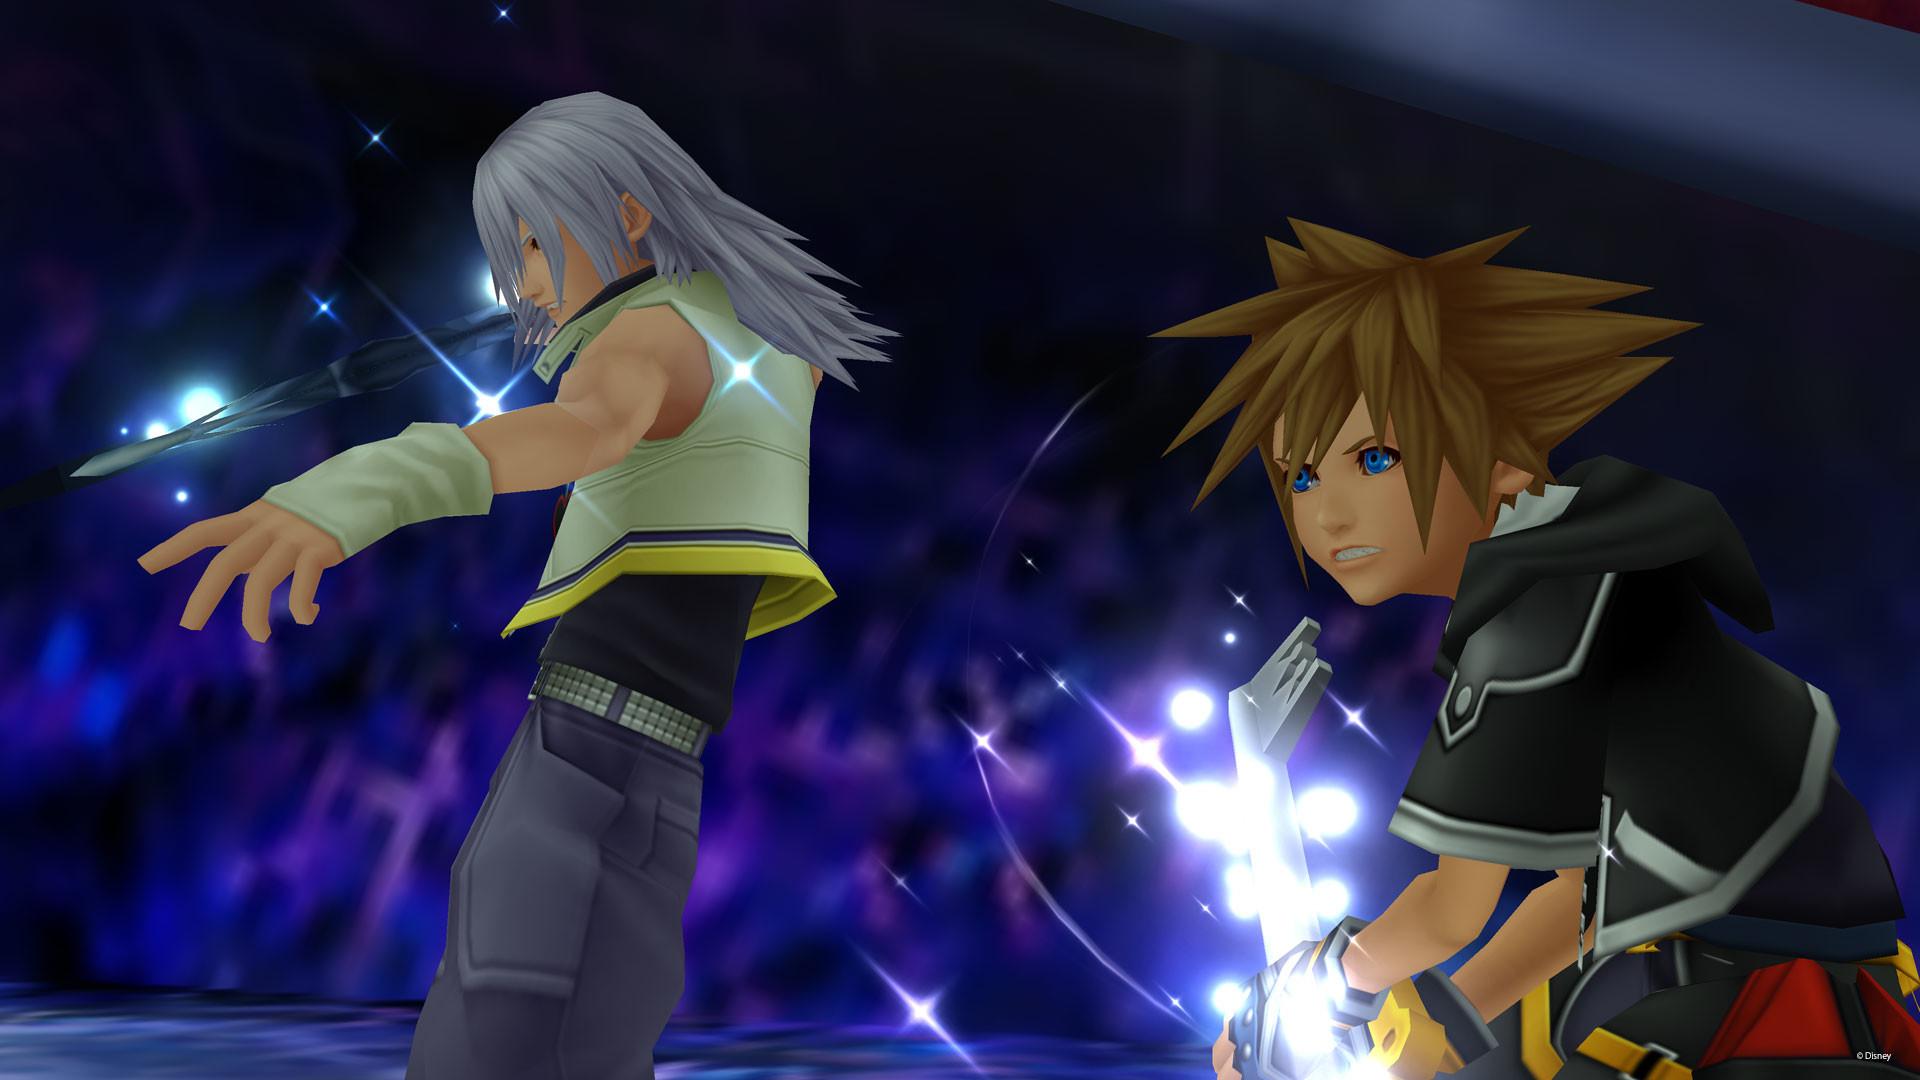 New Screenshots of Kingdom Hearts HD 2.5 ReMIX! – News – Kingdom Hearts  Insider